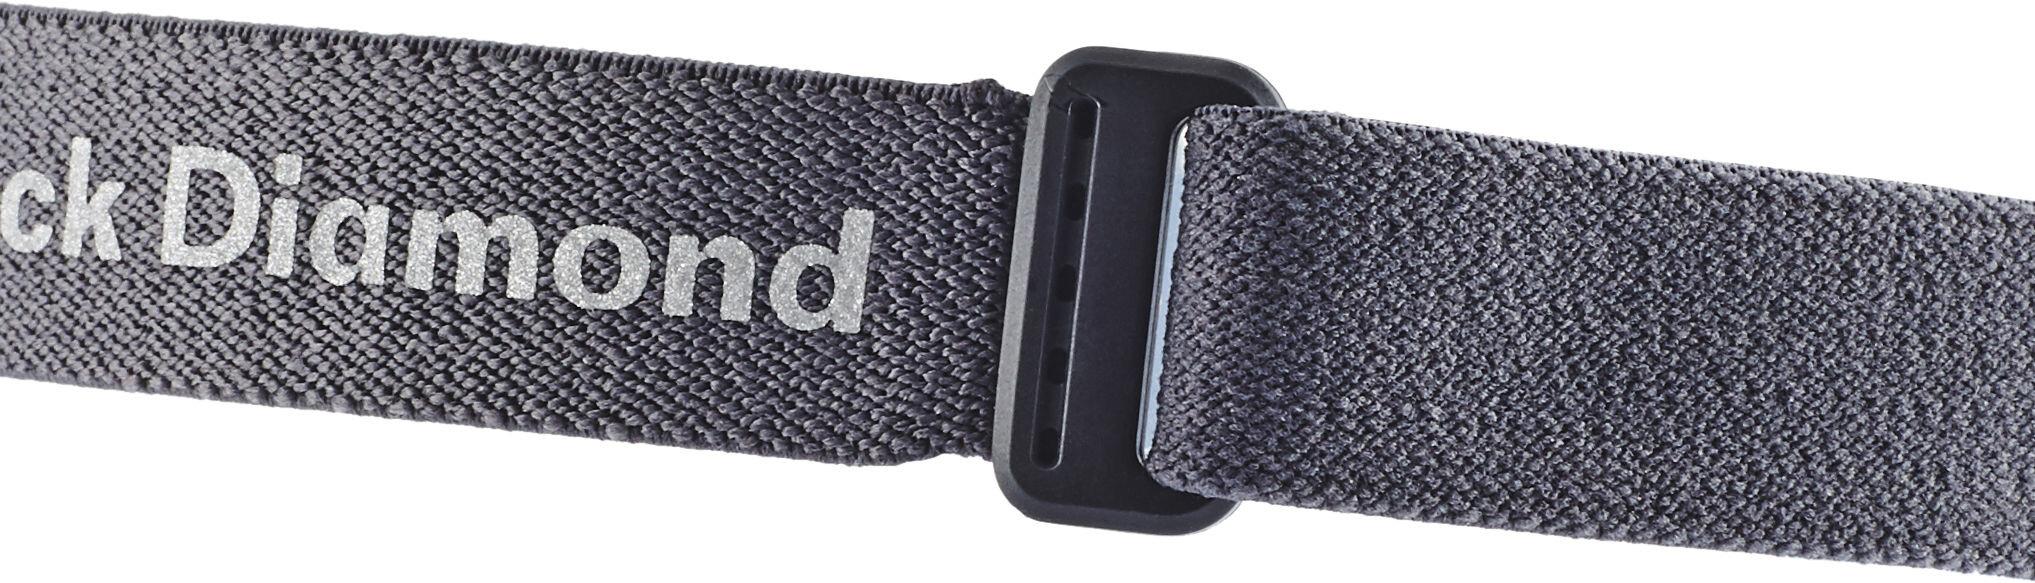 black diamond sprinter headlamp manual